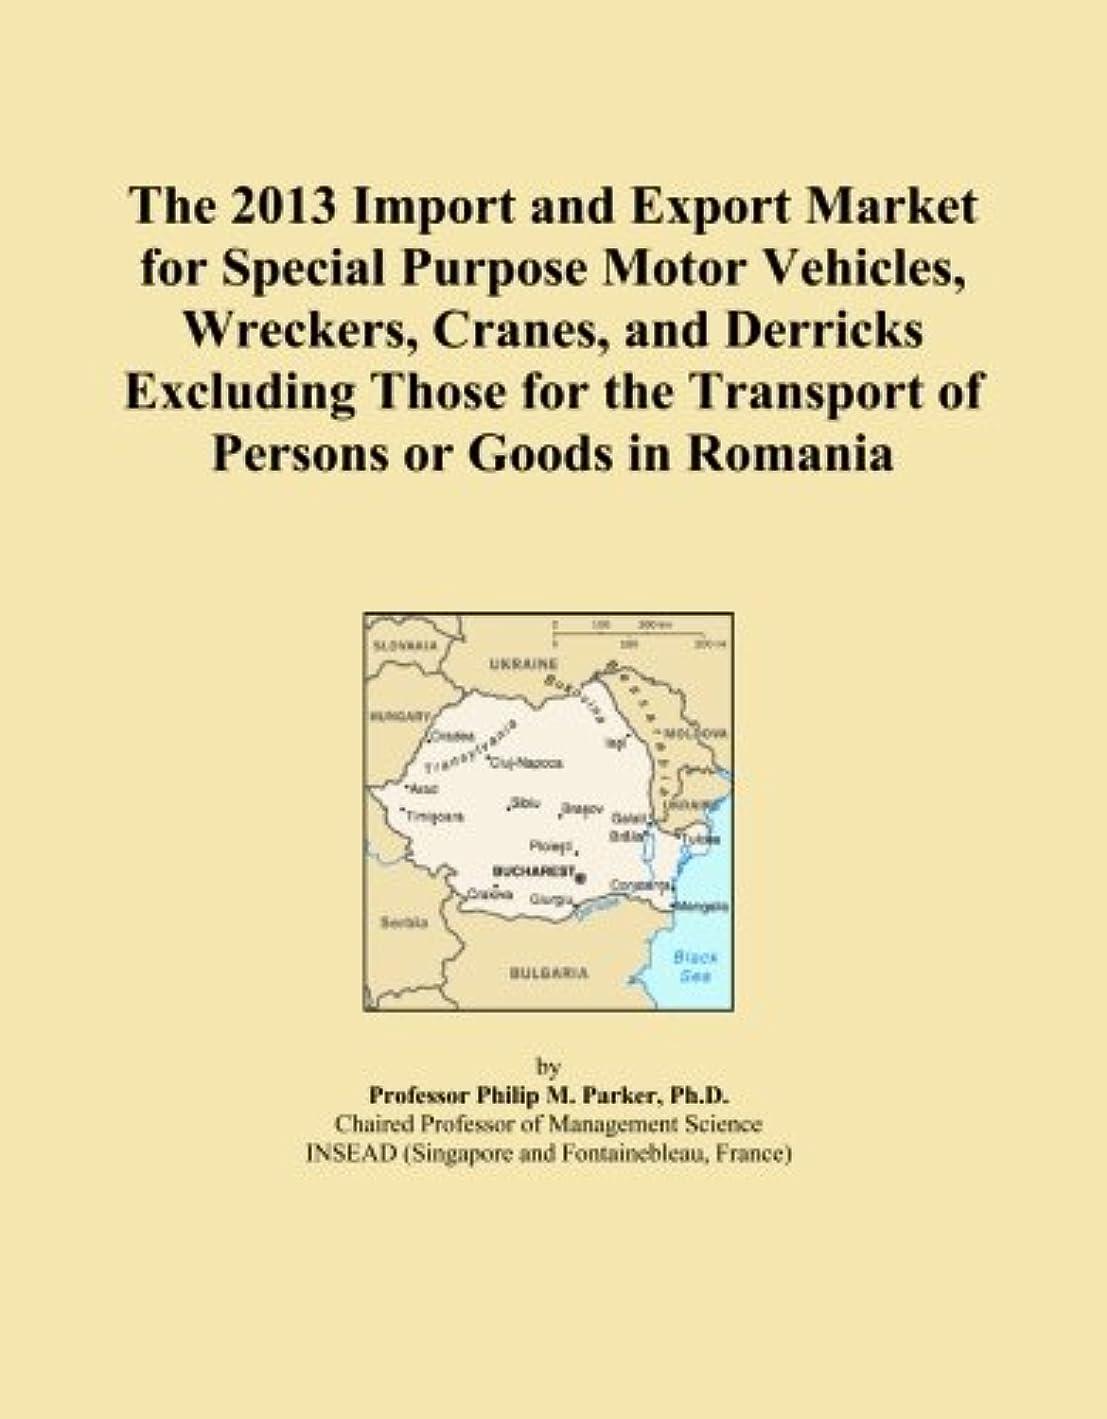 テロリスト思われるバナナThe 2013 Import and Export Market for Special Purpose Motor Vehicles, Wreckers, Cranes, and Derricks Excluding Those for the Transport of Persons or Goods in Romania